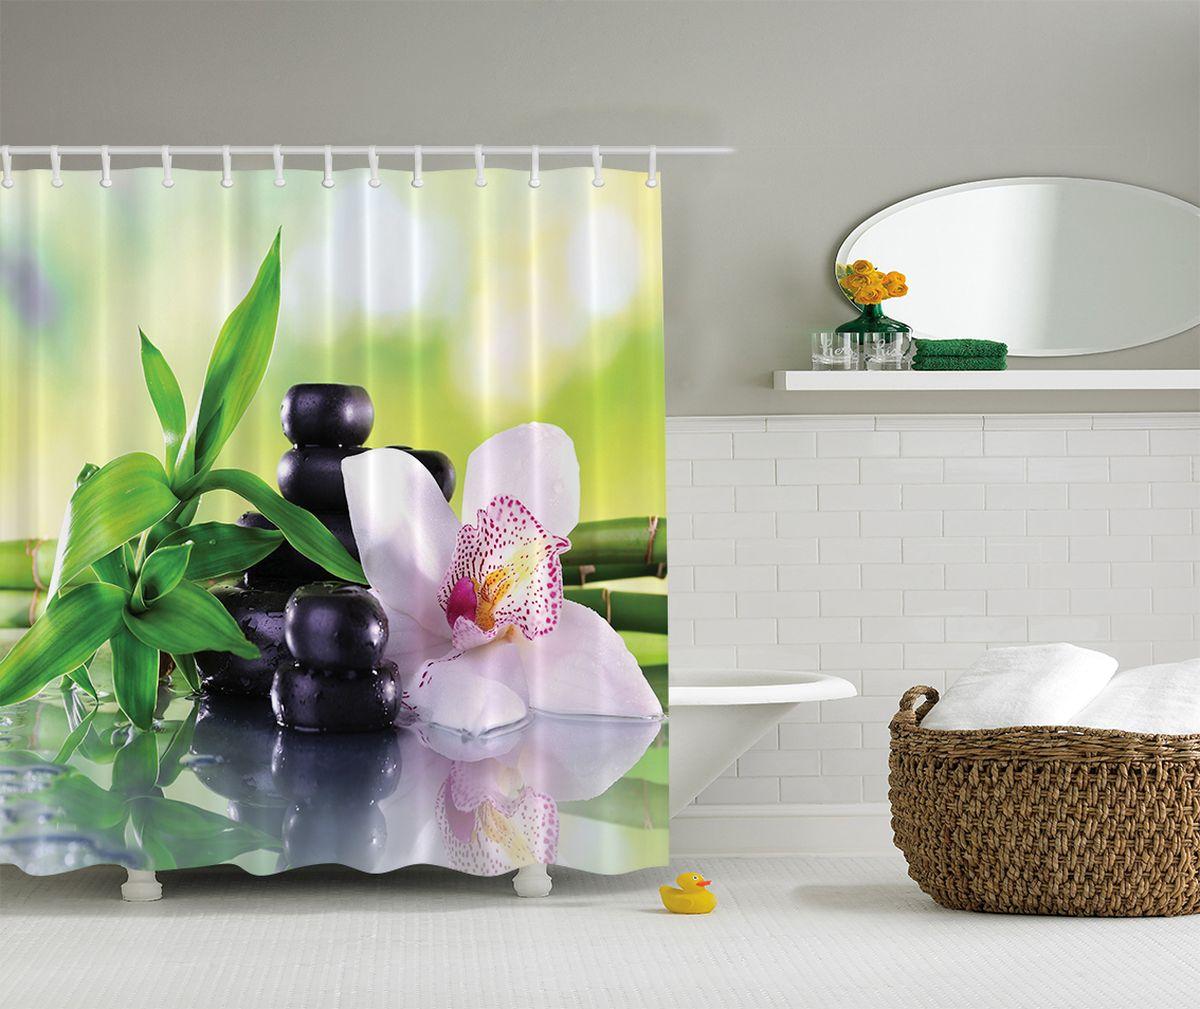 Штора для ванной комнаты Magic Lady Спокойствие, 180 х 200 смшв_11023Штора Magic Lady Спокойствие, изготовленная из высококачественного сатена (полиэстер 100%), отлично дополнит любой интерьер ванной комнаты. При изготовлении используются специальные гипоаллергенные чернила для прямой печати по ткани, безопасные для человека.В комплекте: 1 штора, 12 крючков. Обращаем ваше внимание, фактический цвет изделия может незначительно отличаться от представленного на фото.